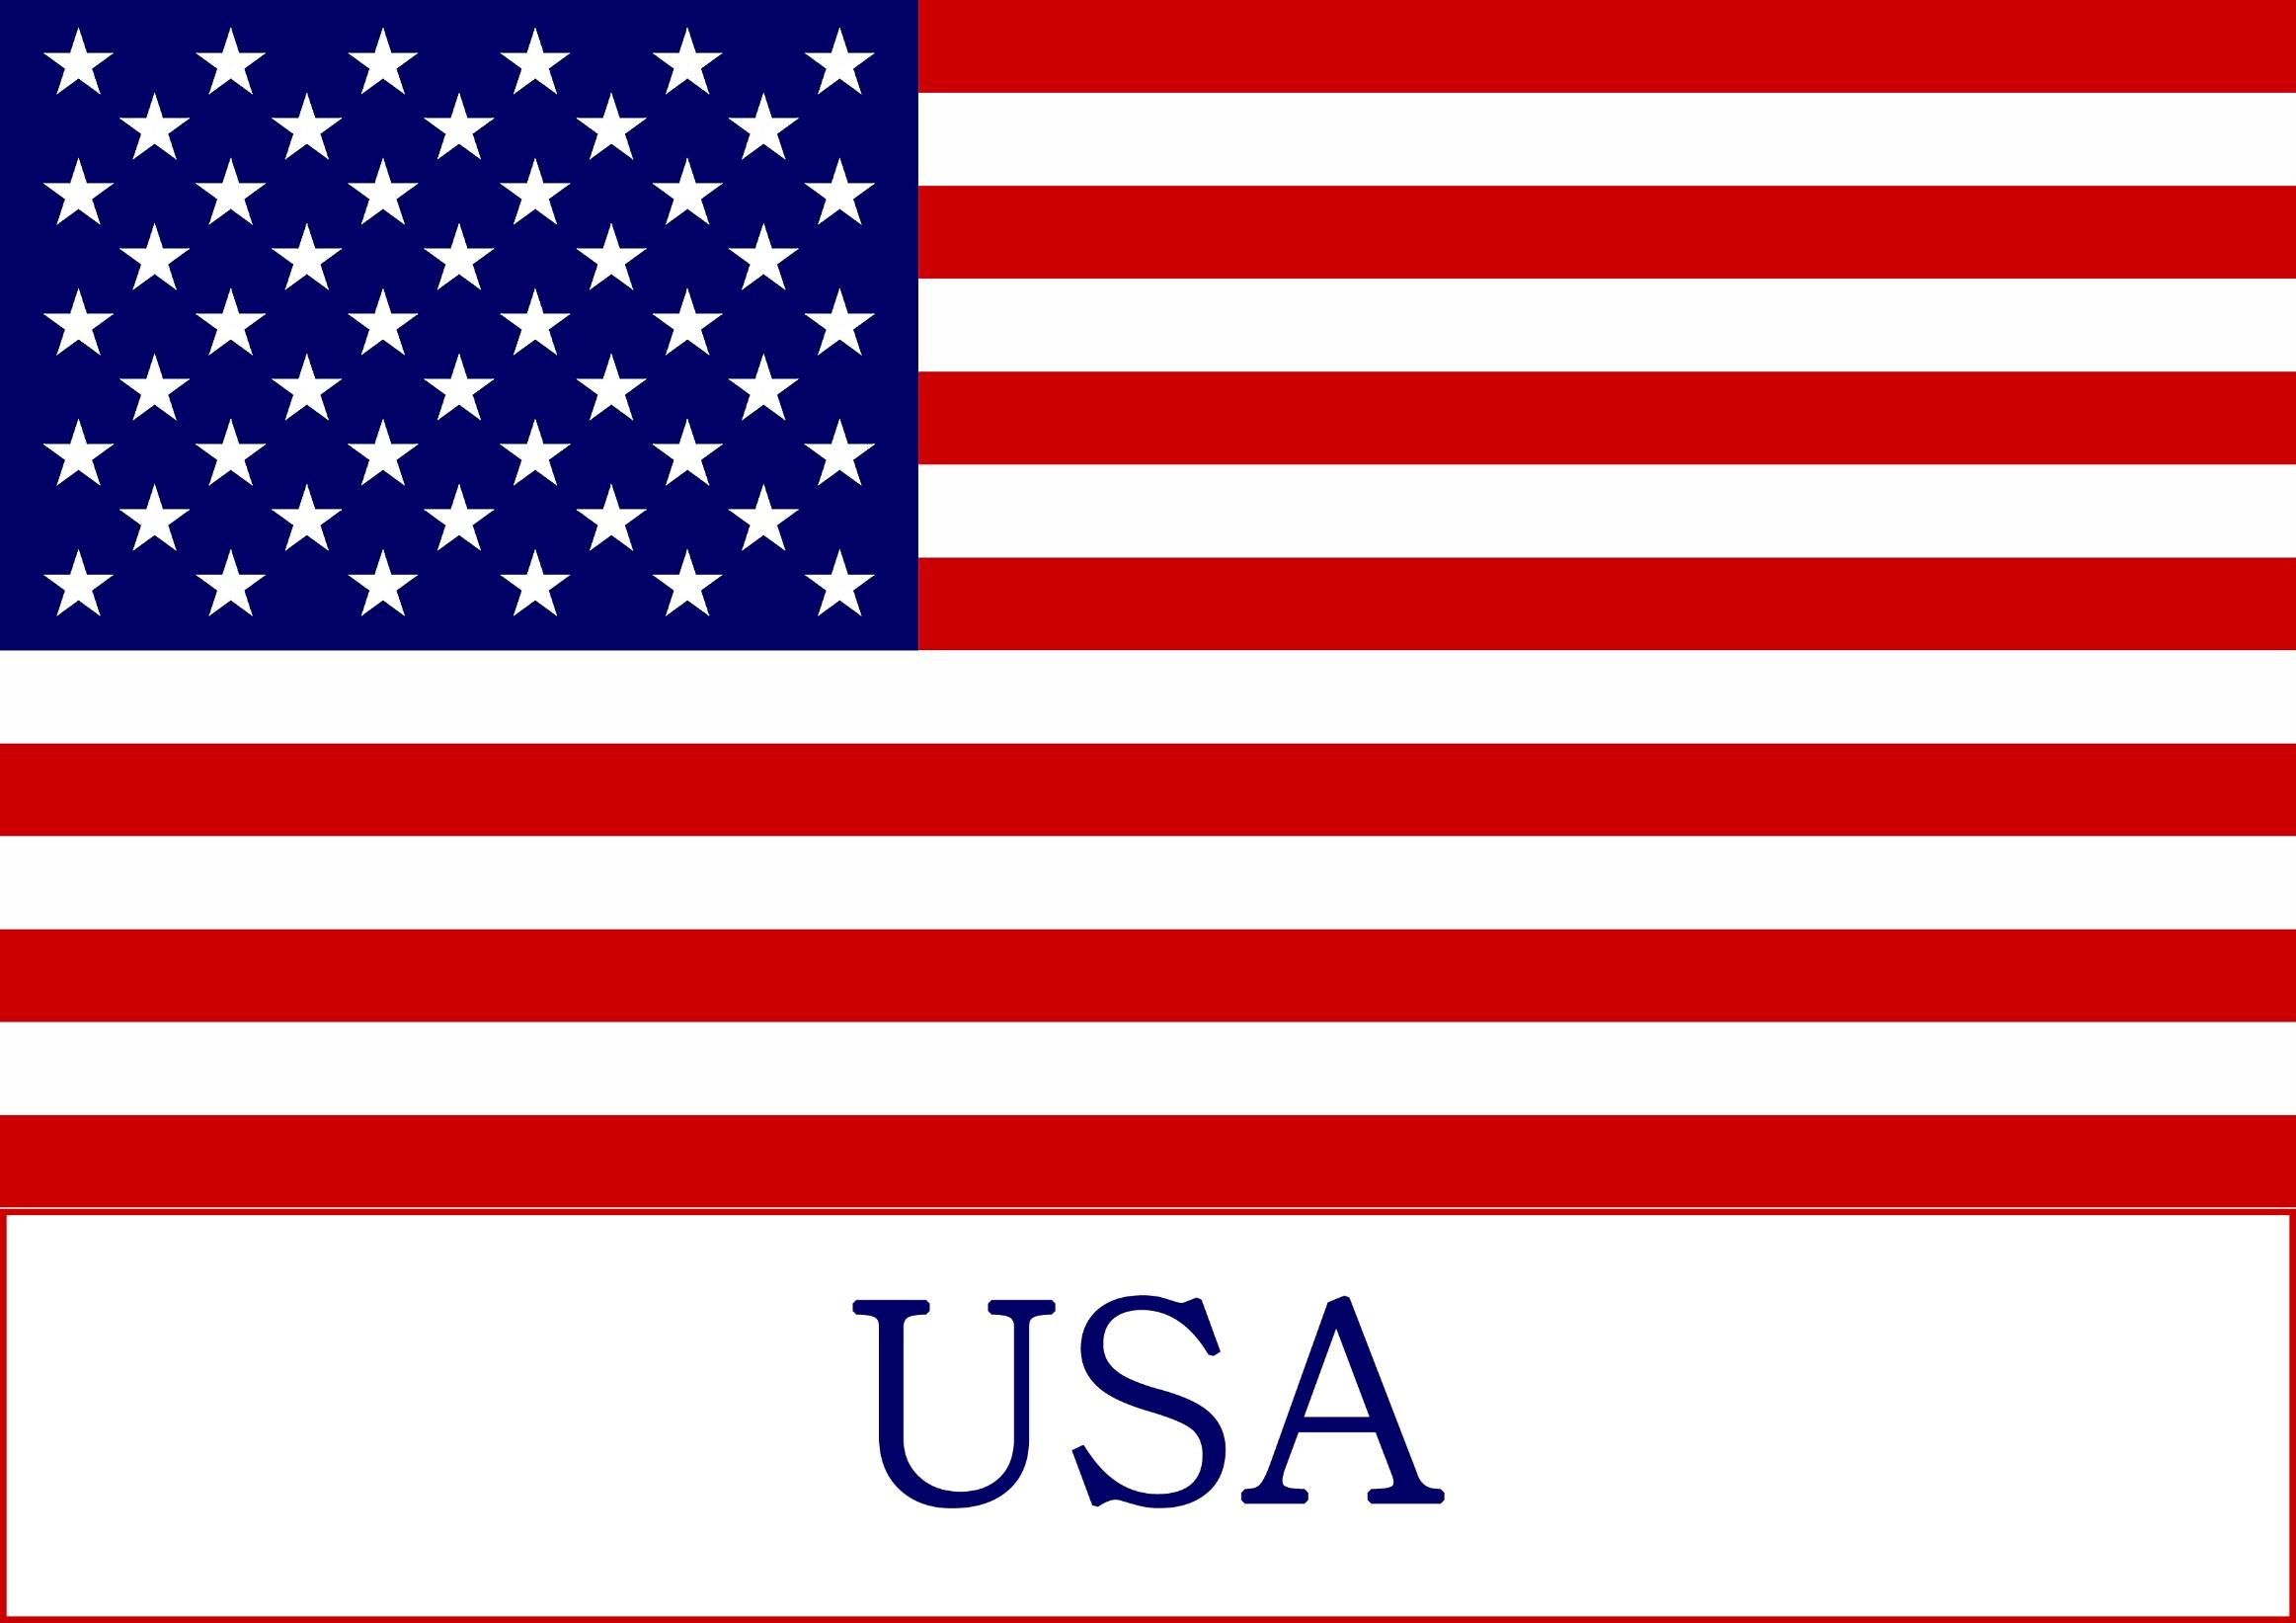 Флаги англоязычных стран с картинками причина тысяч